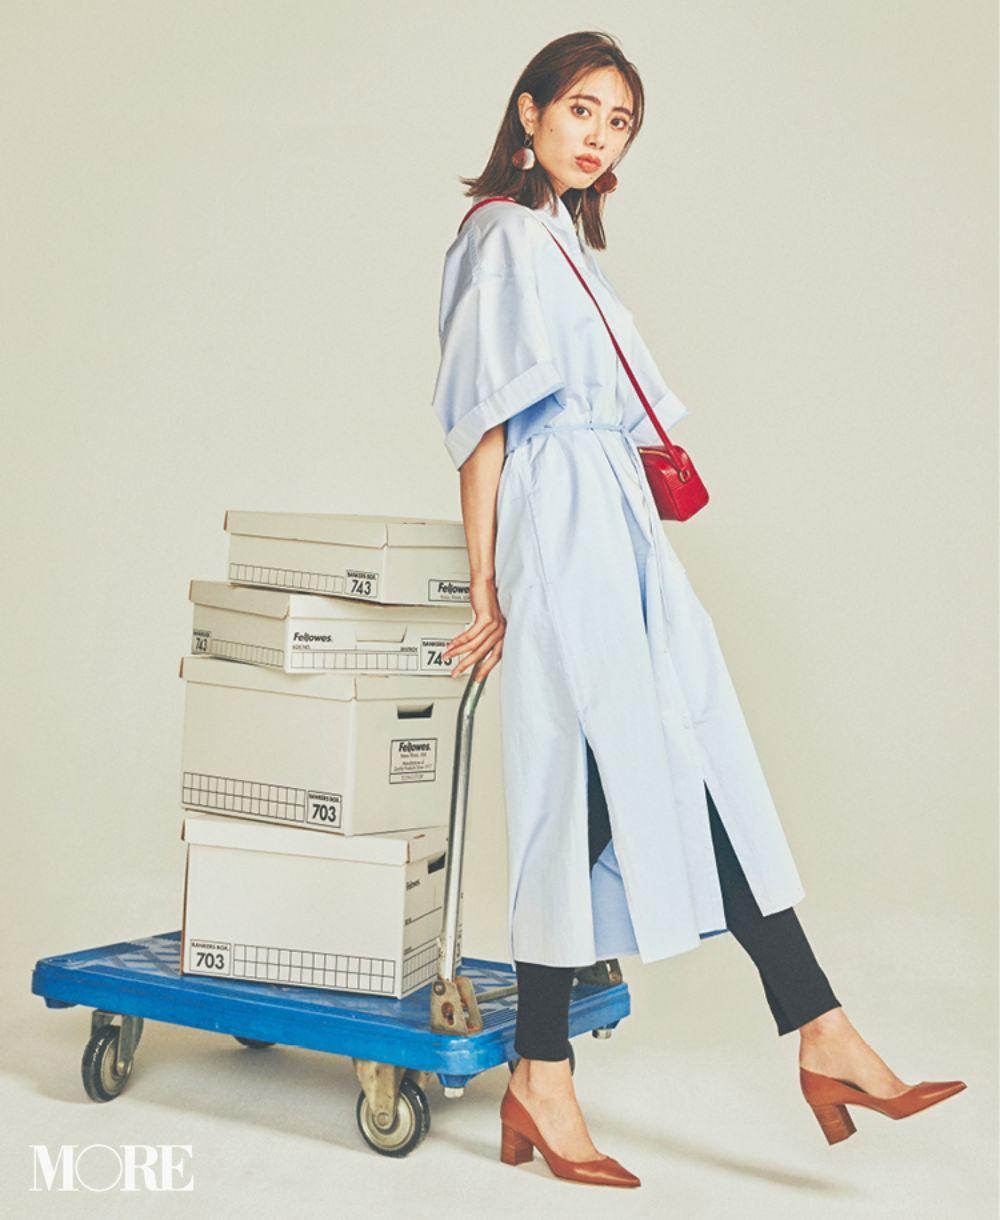 ユニクロコーデ特集 - プチプラで着回せる、20代のオフィスカジュアルにおすすめのファッションまとめ_4